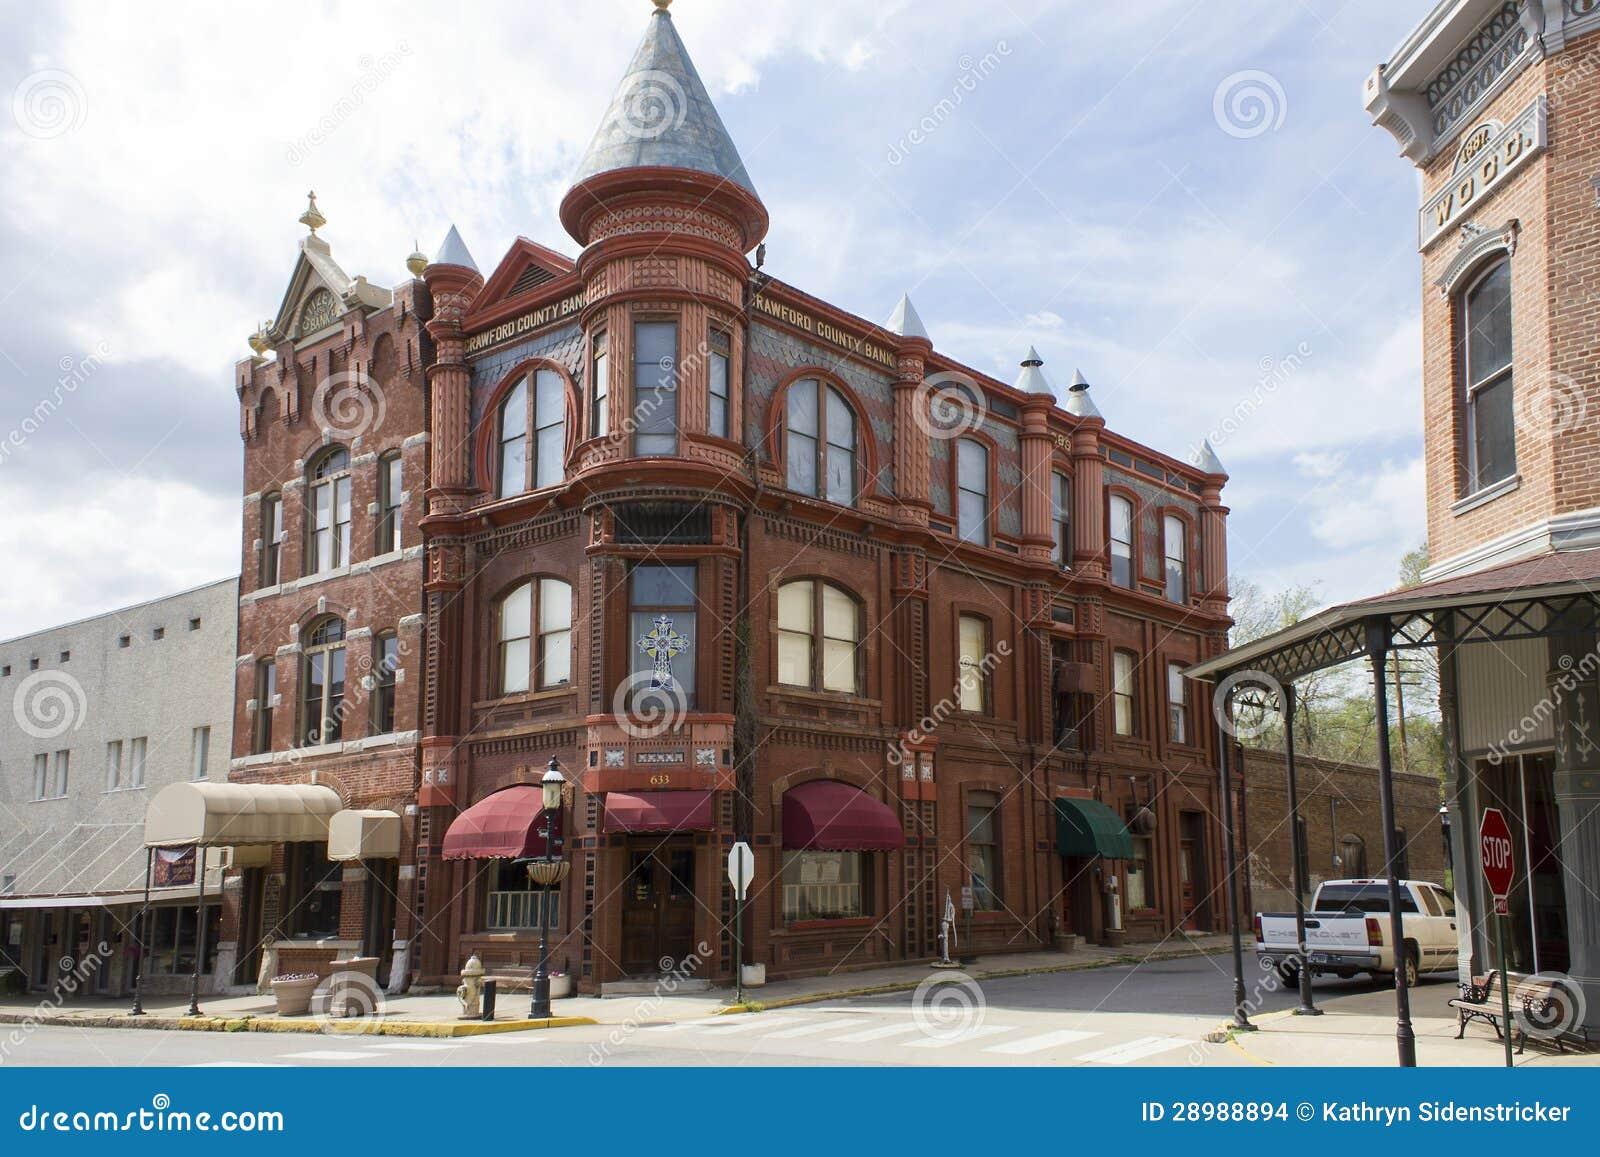 Historic Bank Building In Van Buren Arkansas Editorial